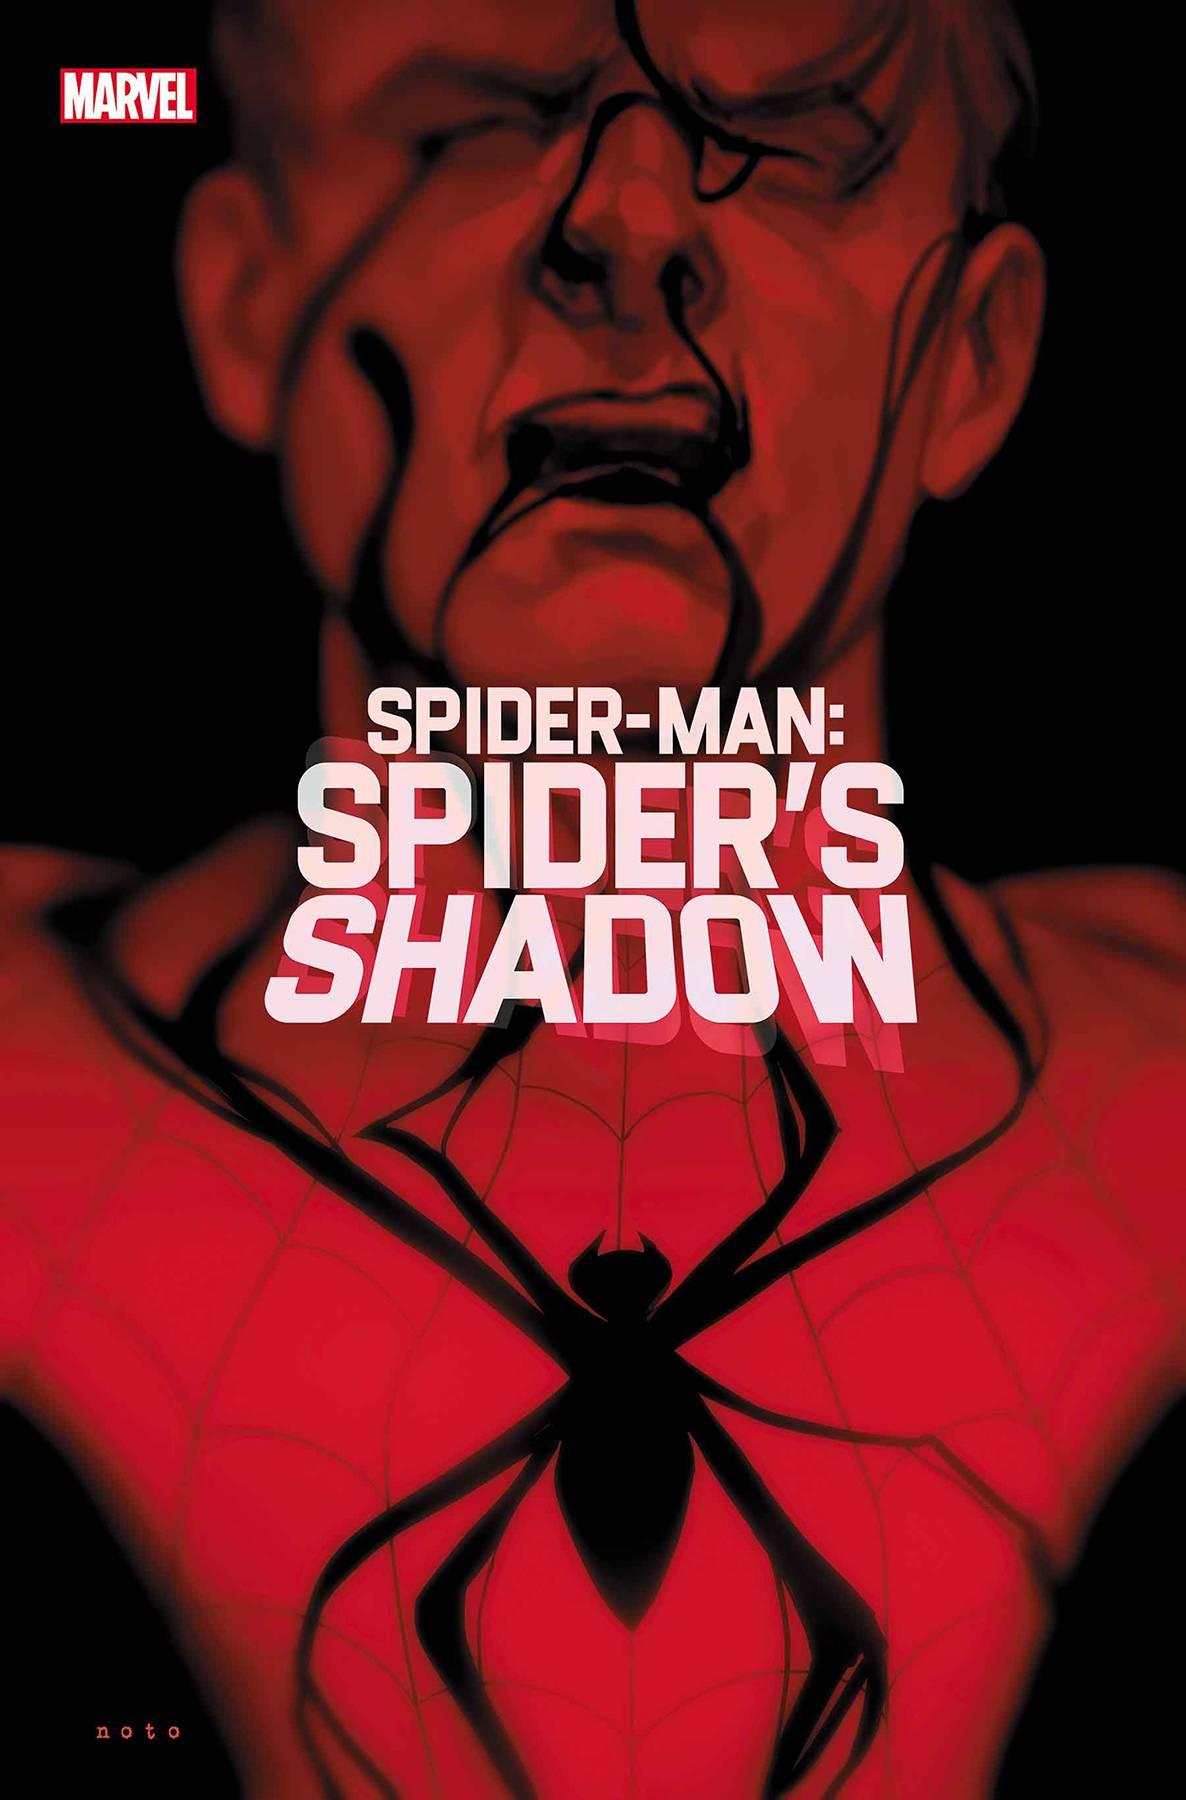 Spider-Man: Spider's Shadow # 1 portada principal